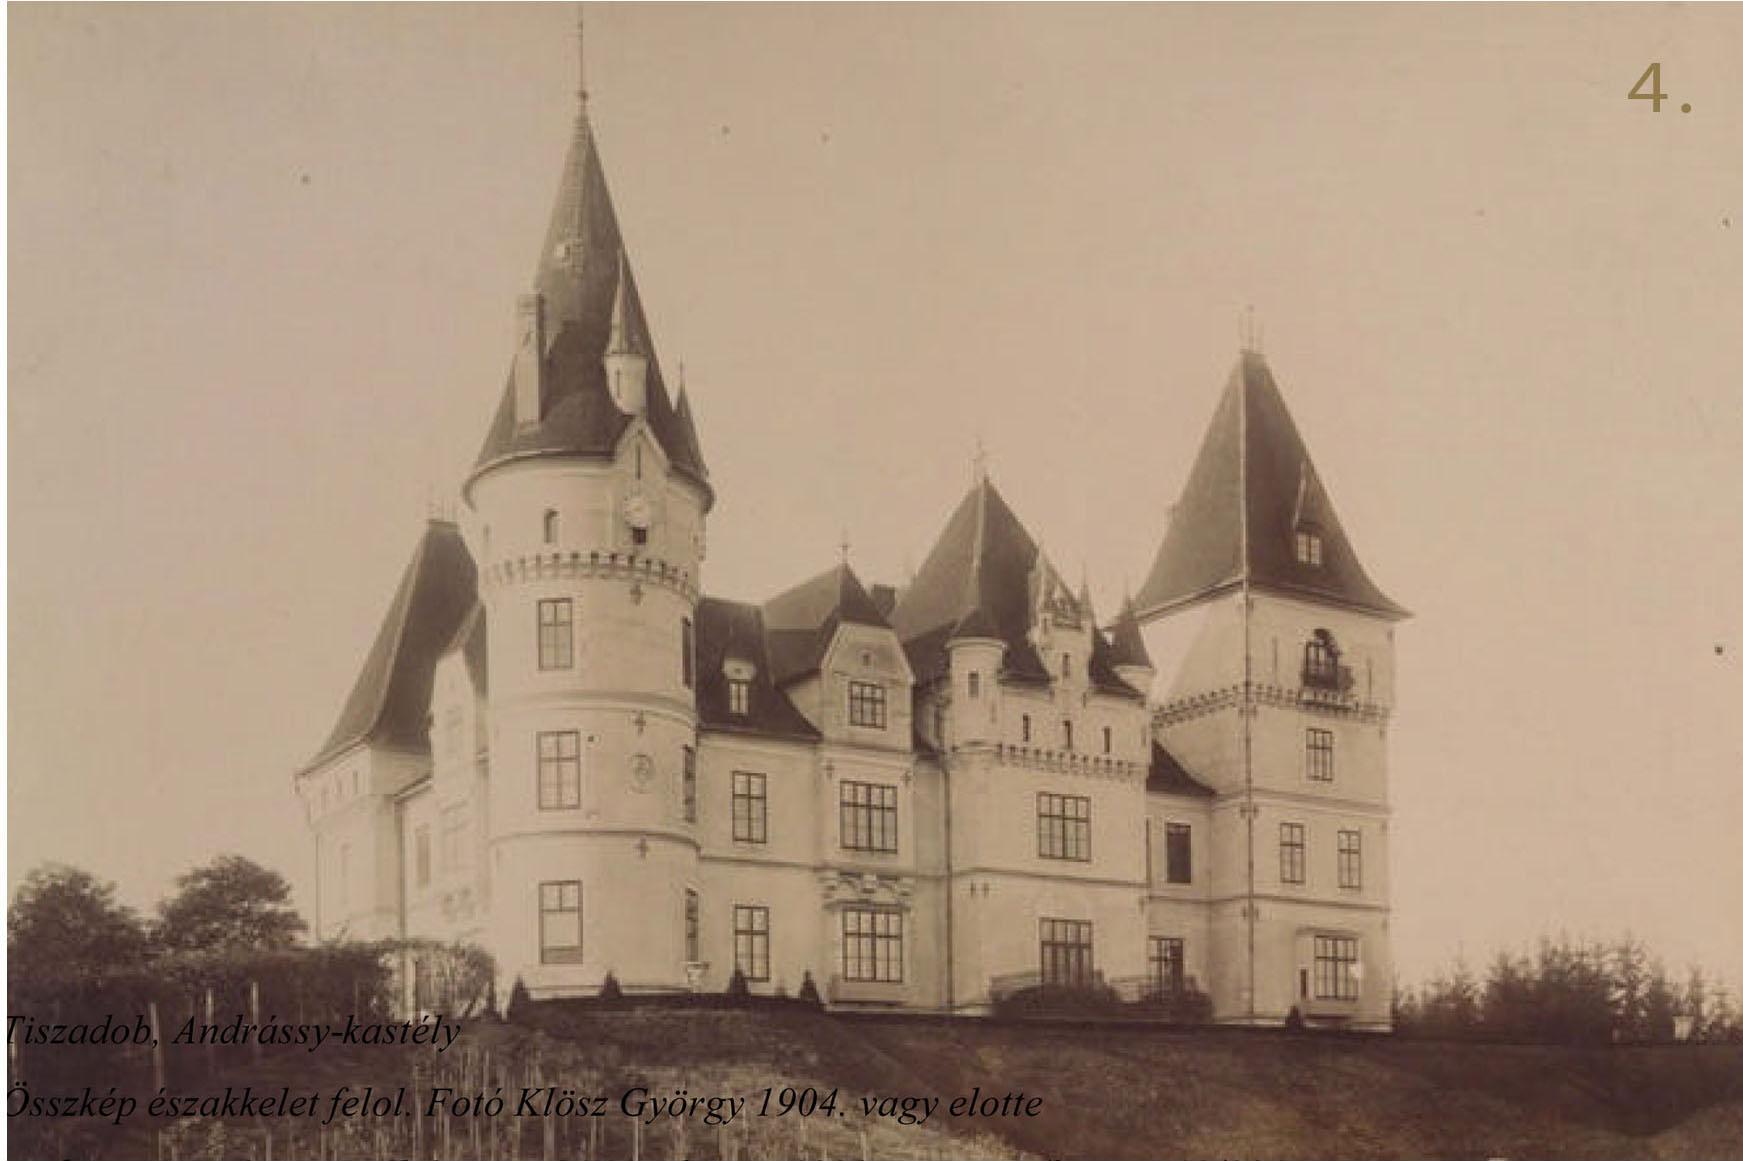 A kastély északkelet felől 1904 körül (Klösz György fotója)